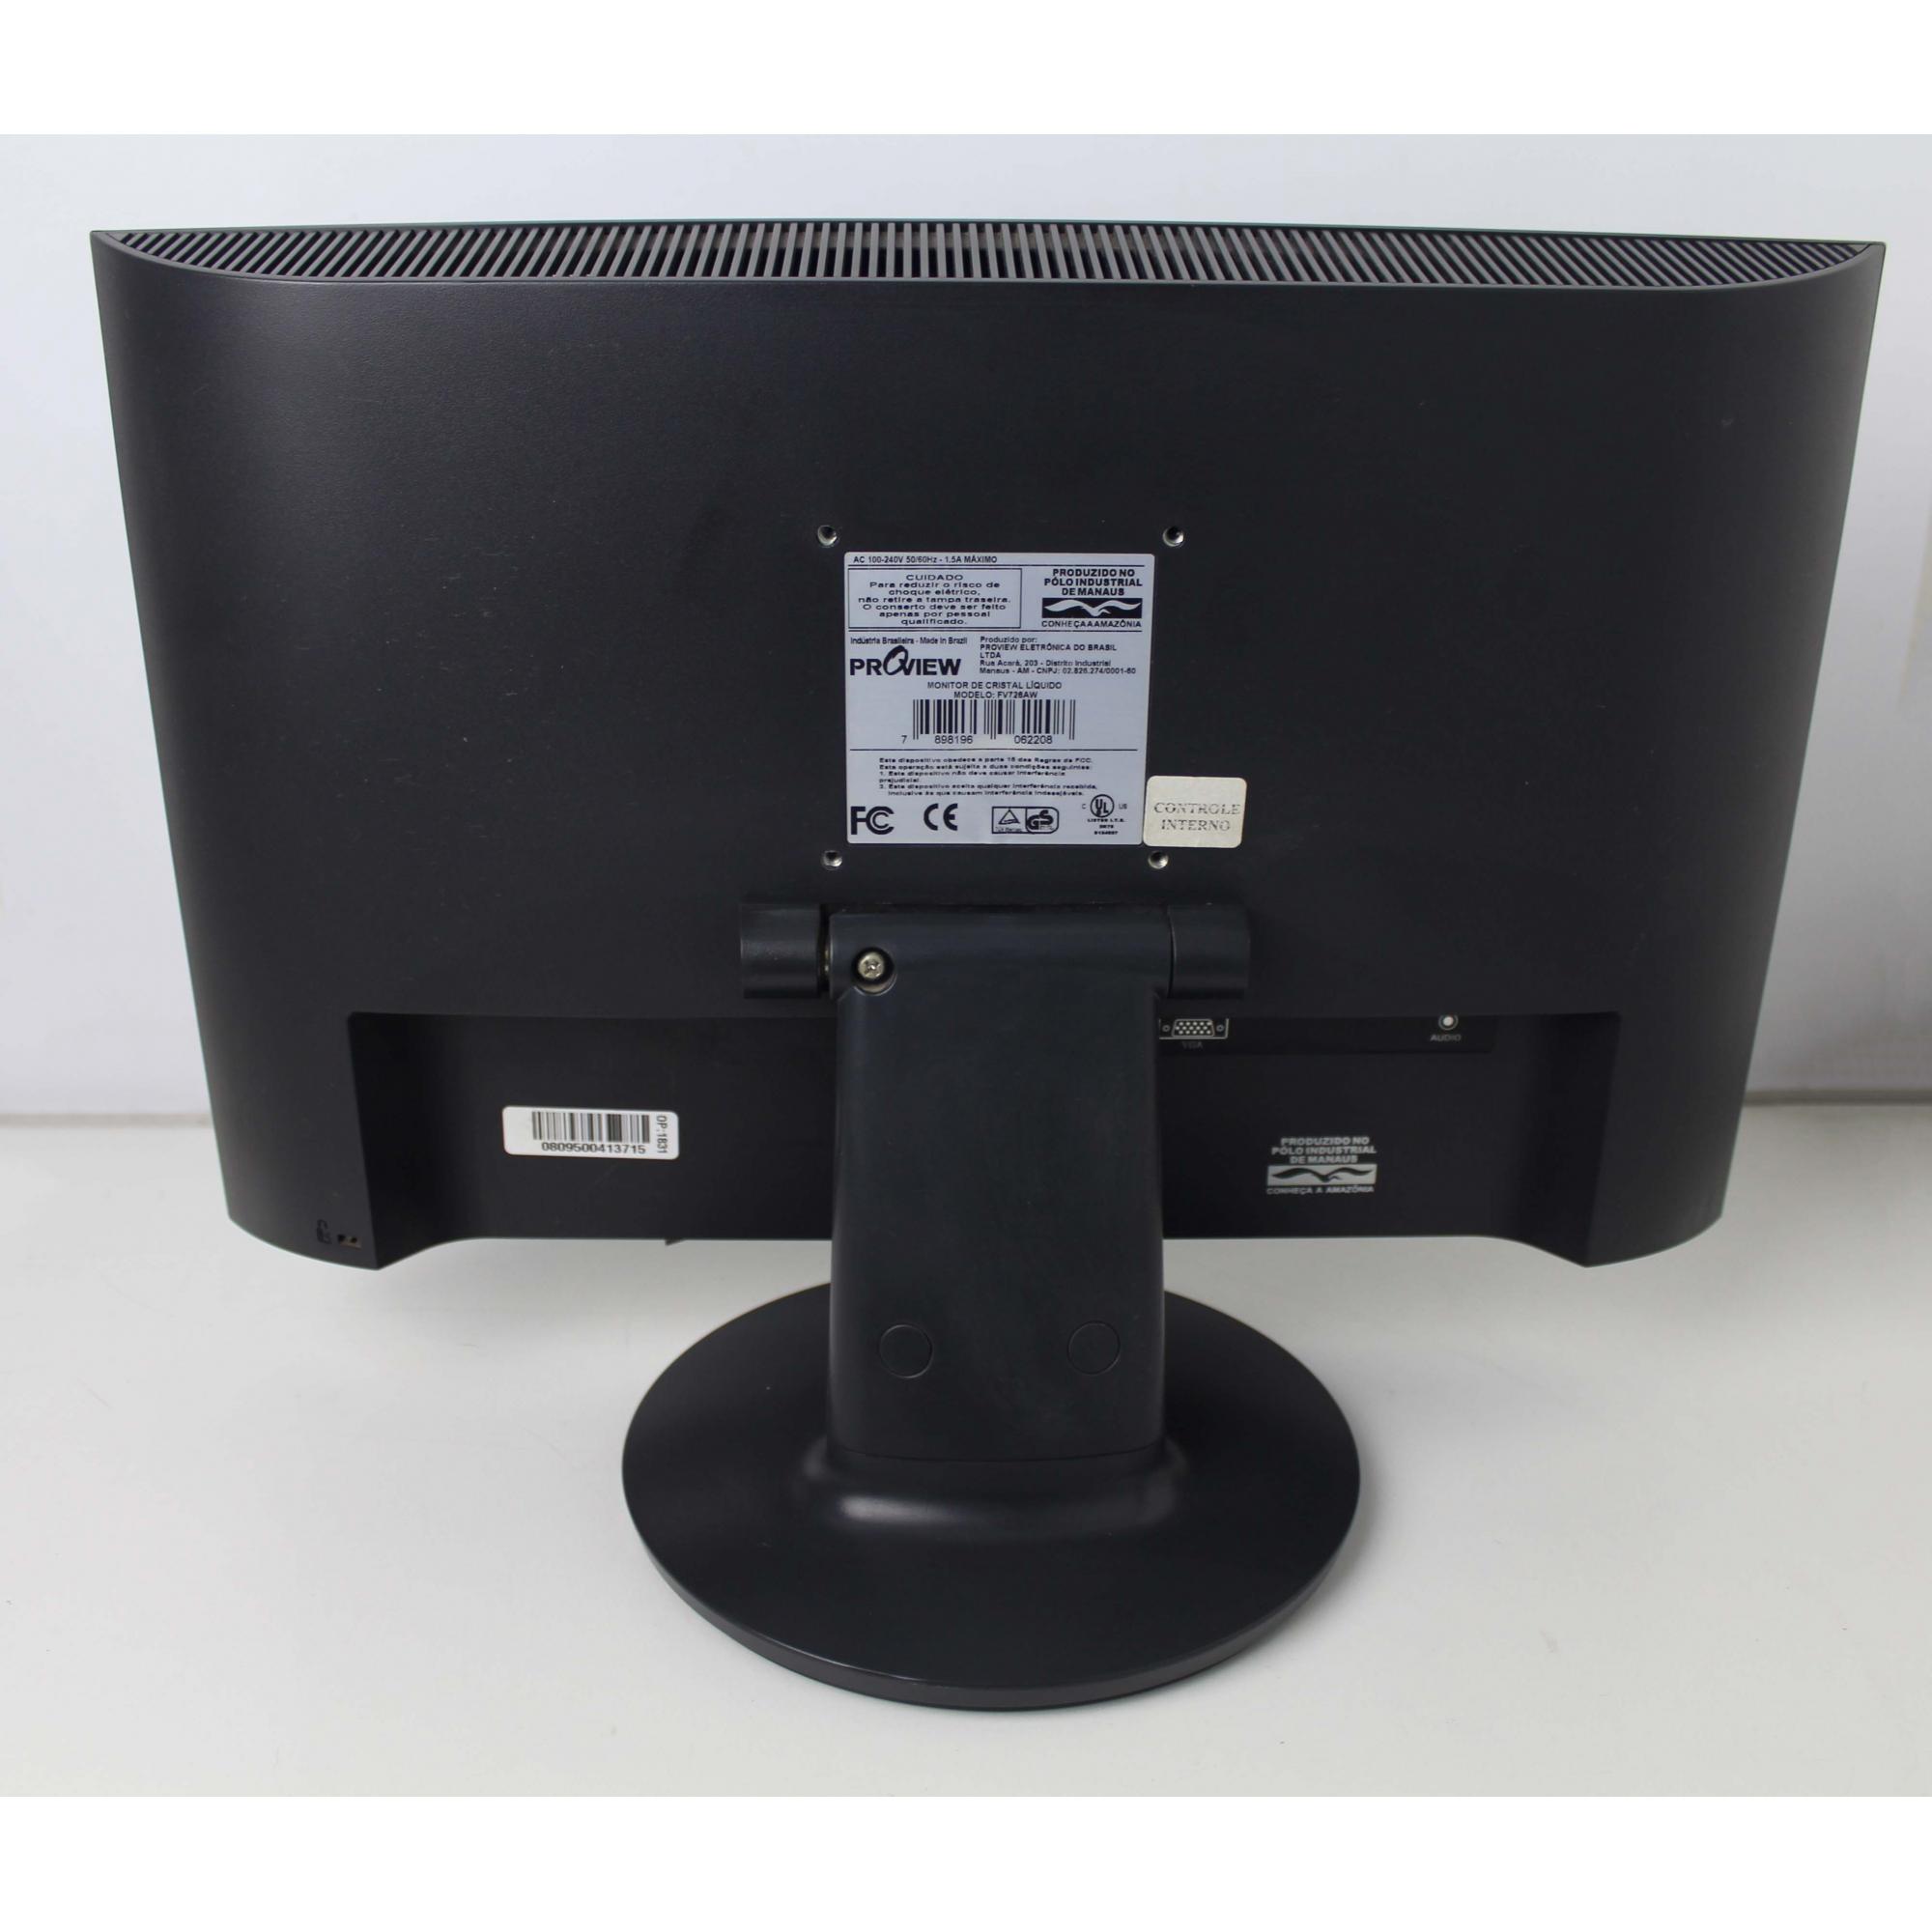 MONITOR PROVIEW FV726AW 17 POLEGADAS - LCD